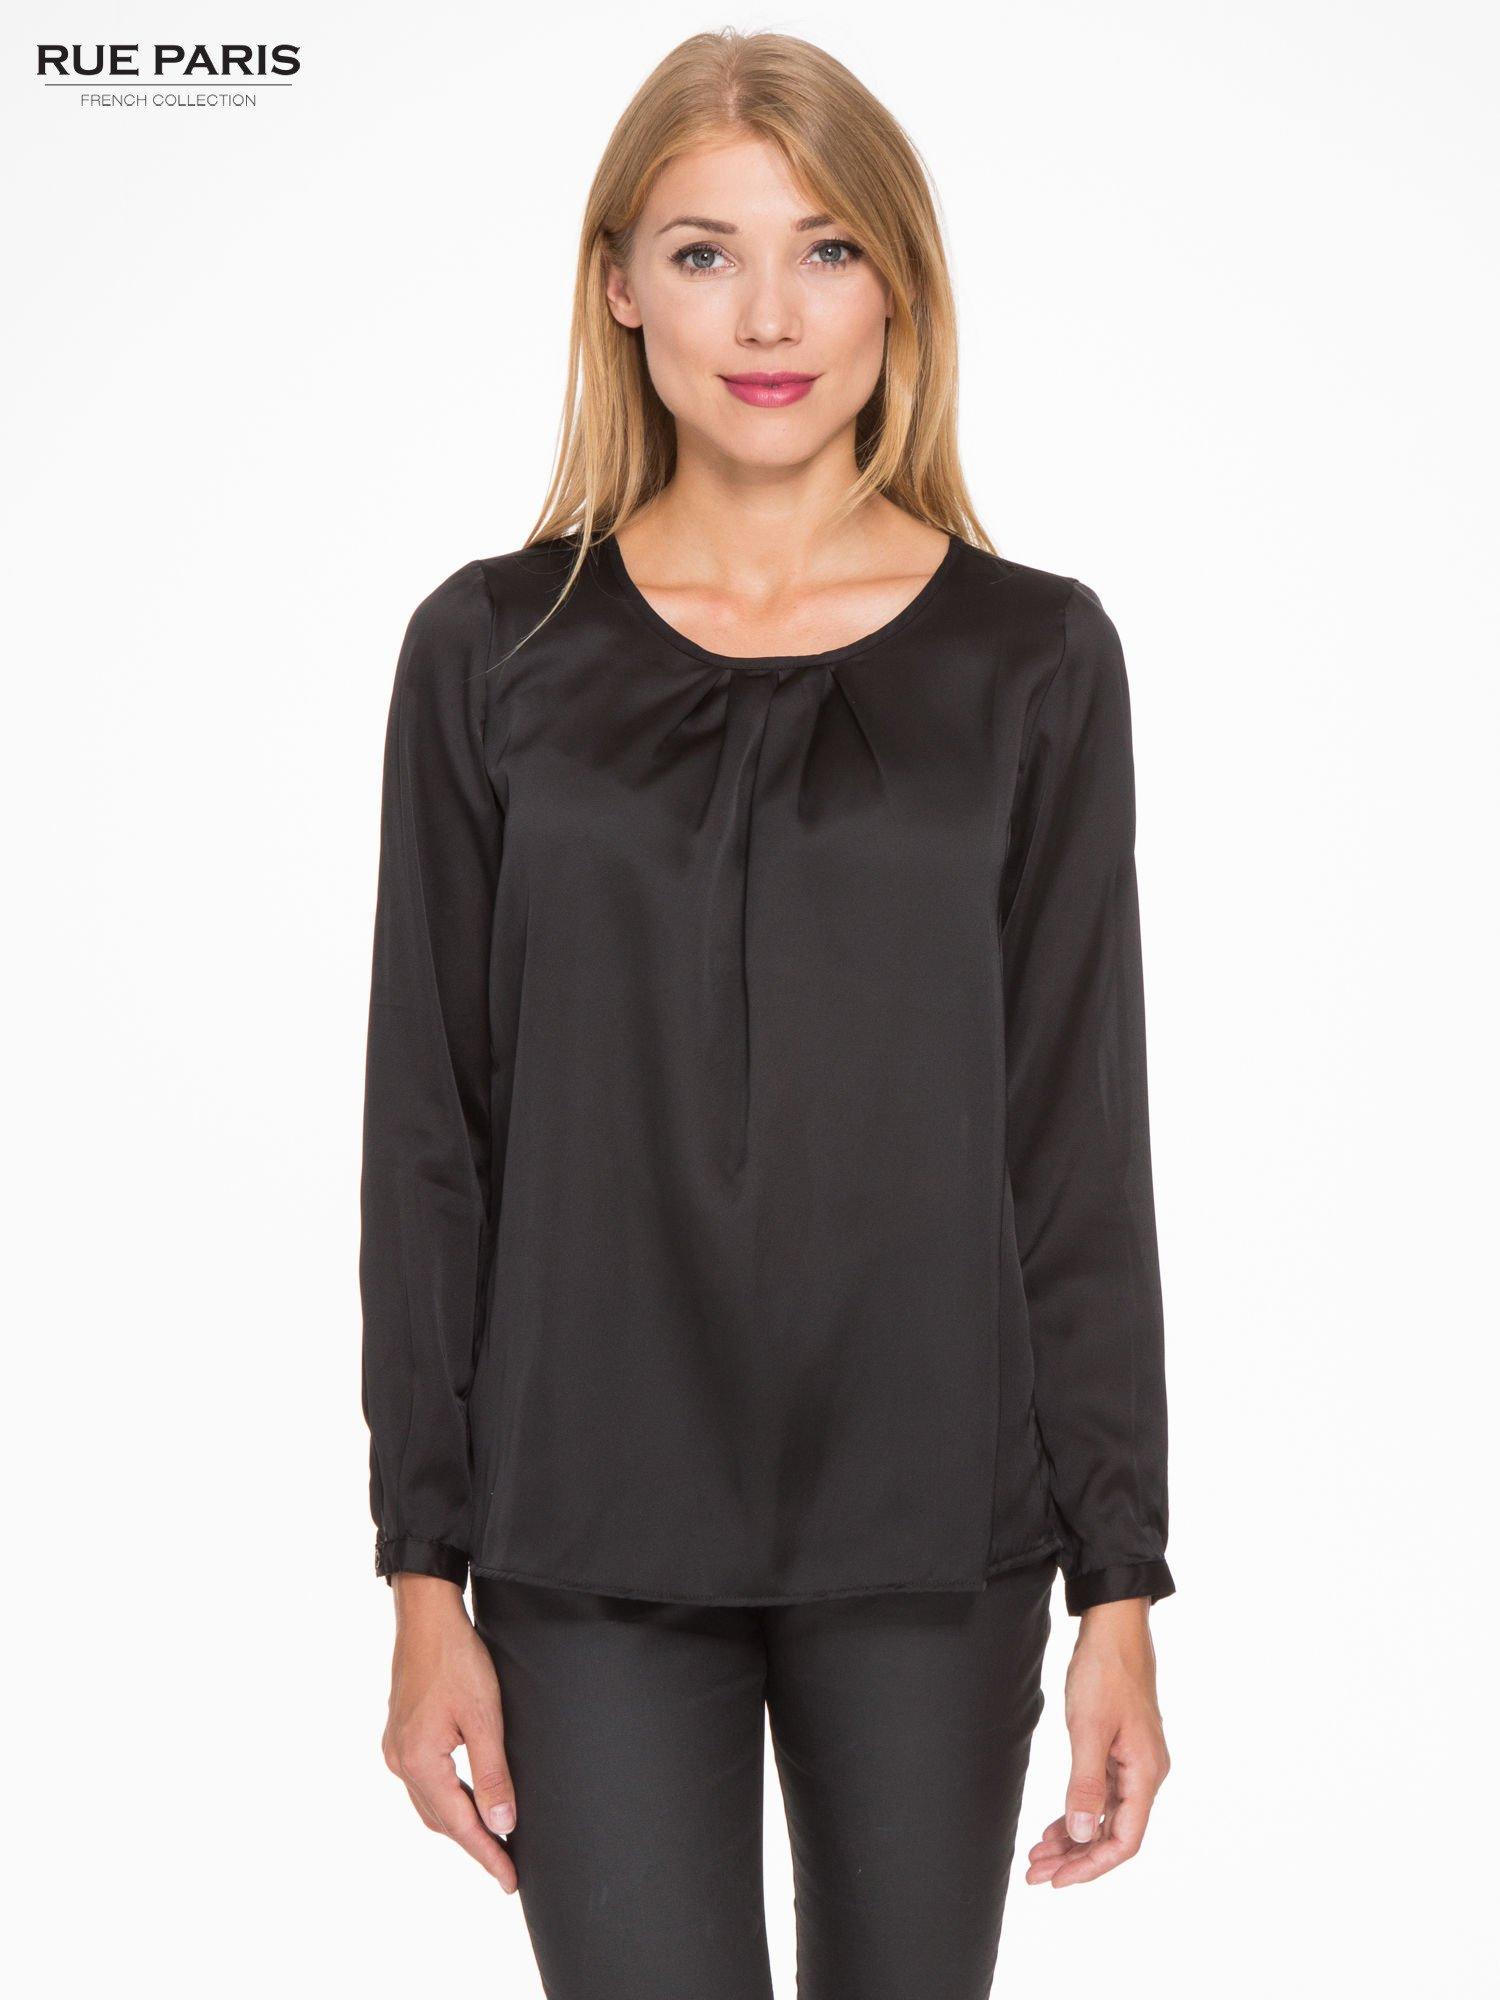 Czarna elegancka atłasowa koszula z zakładkami przy dekolcie                                  zdj.                                  1